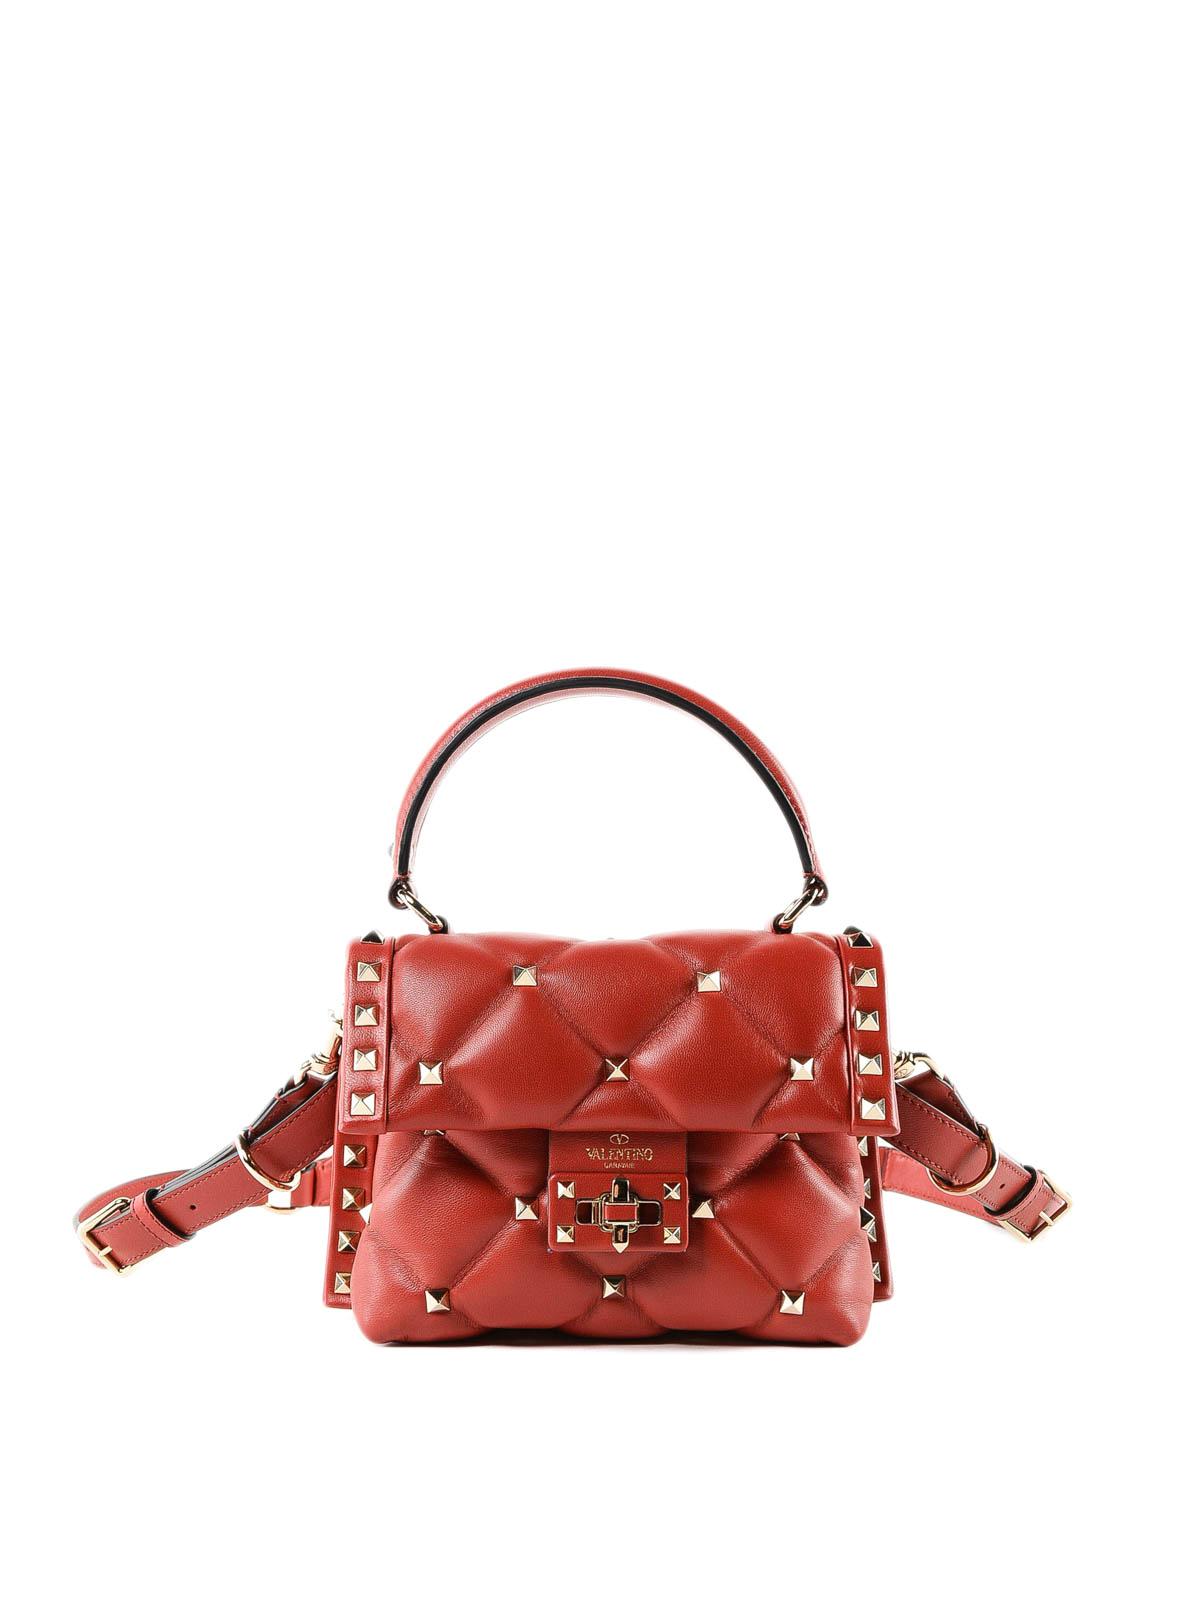 692a1e2d667f23 VALENTINO GARAVANI: borse a tracolla - Borsetta Candystud rossa in pelle  trapuntata